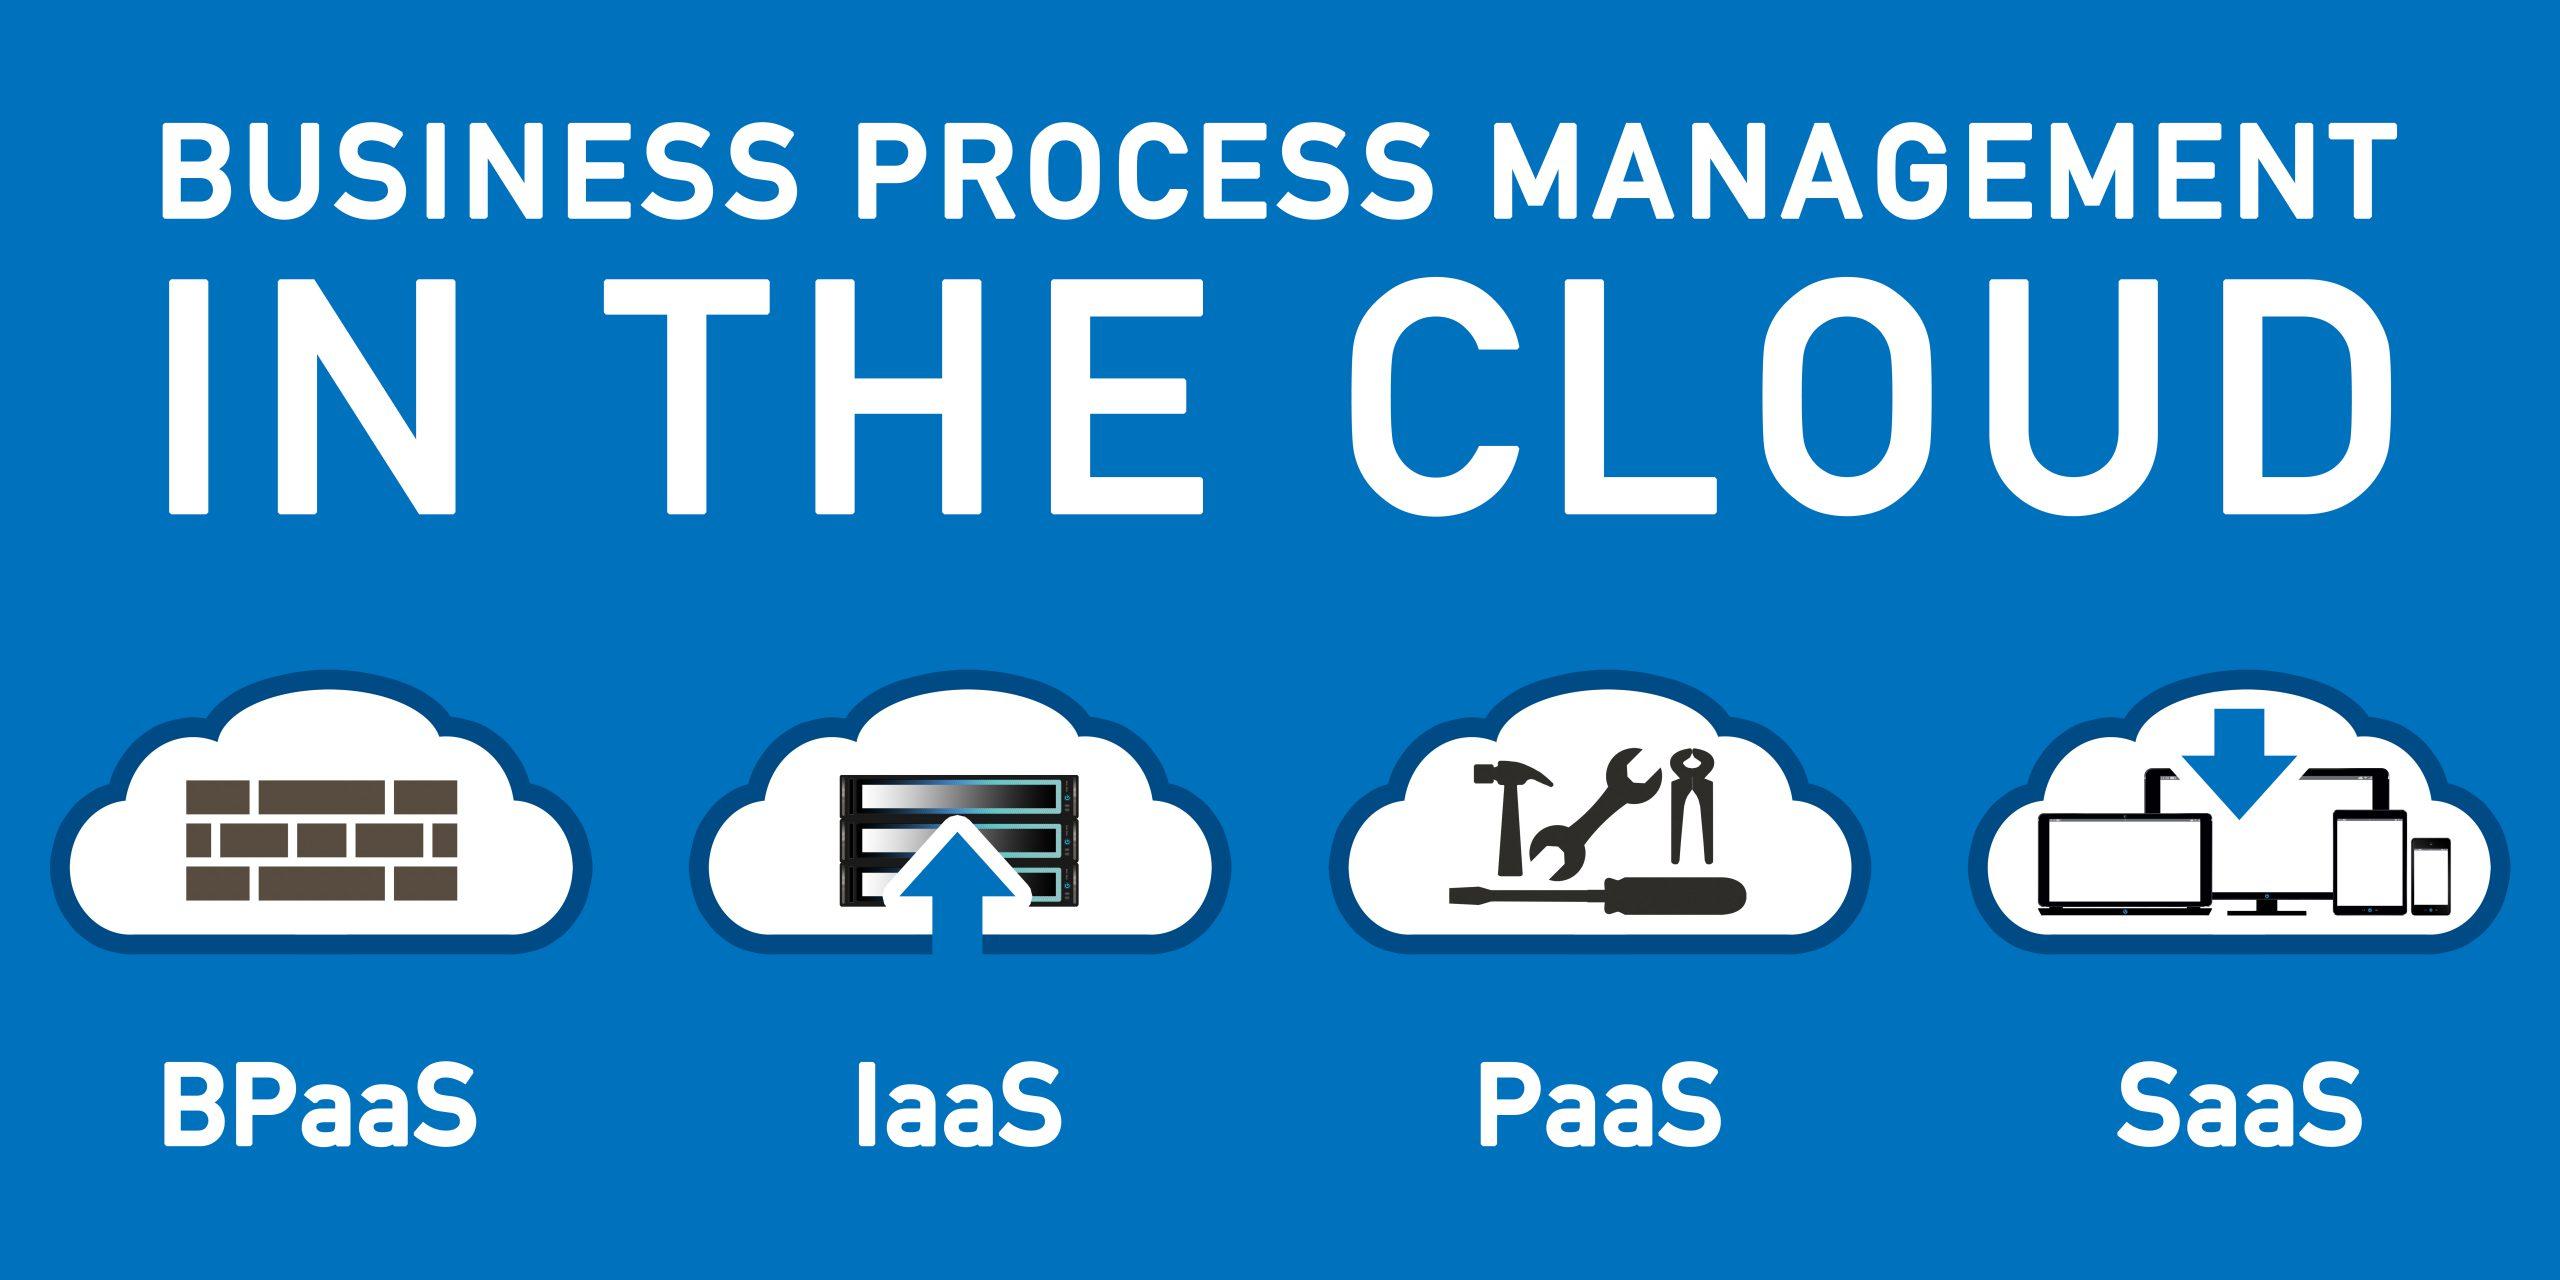 クラウド化から生まれた業務改善方法「BPaaS」とは